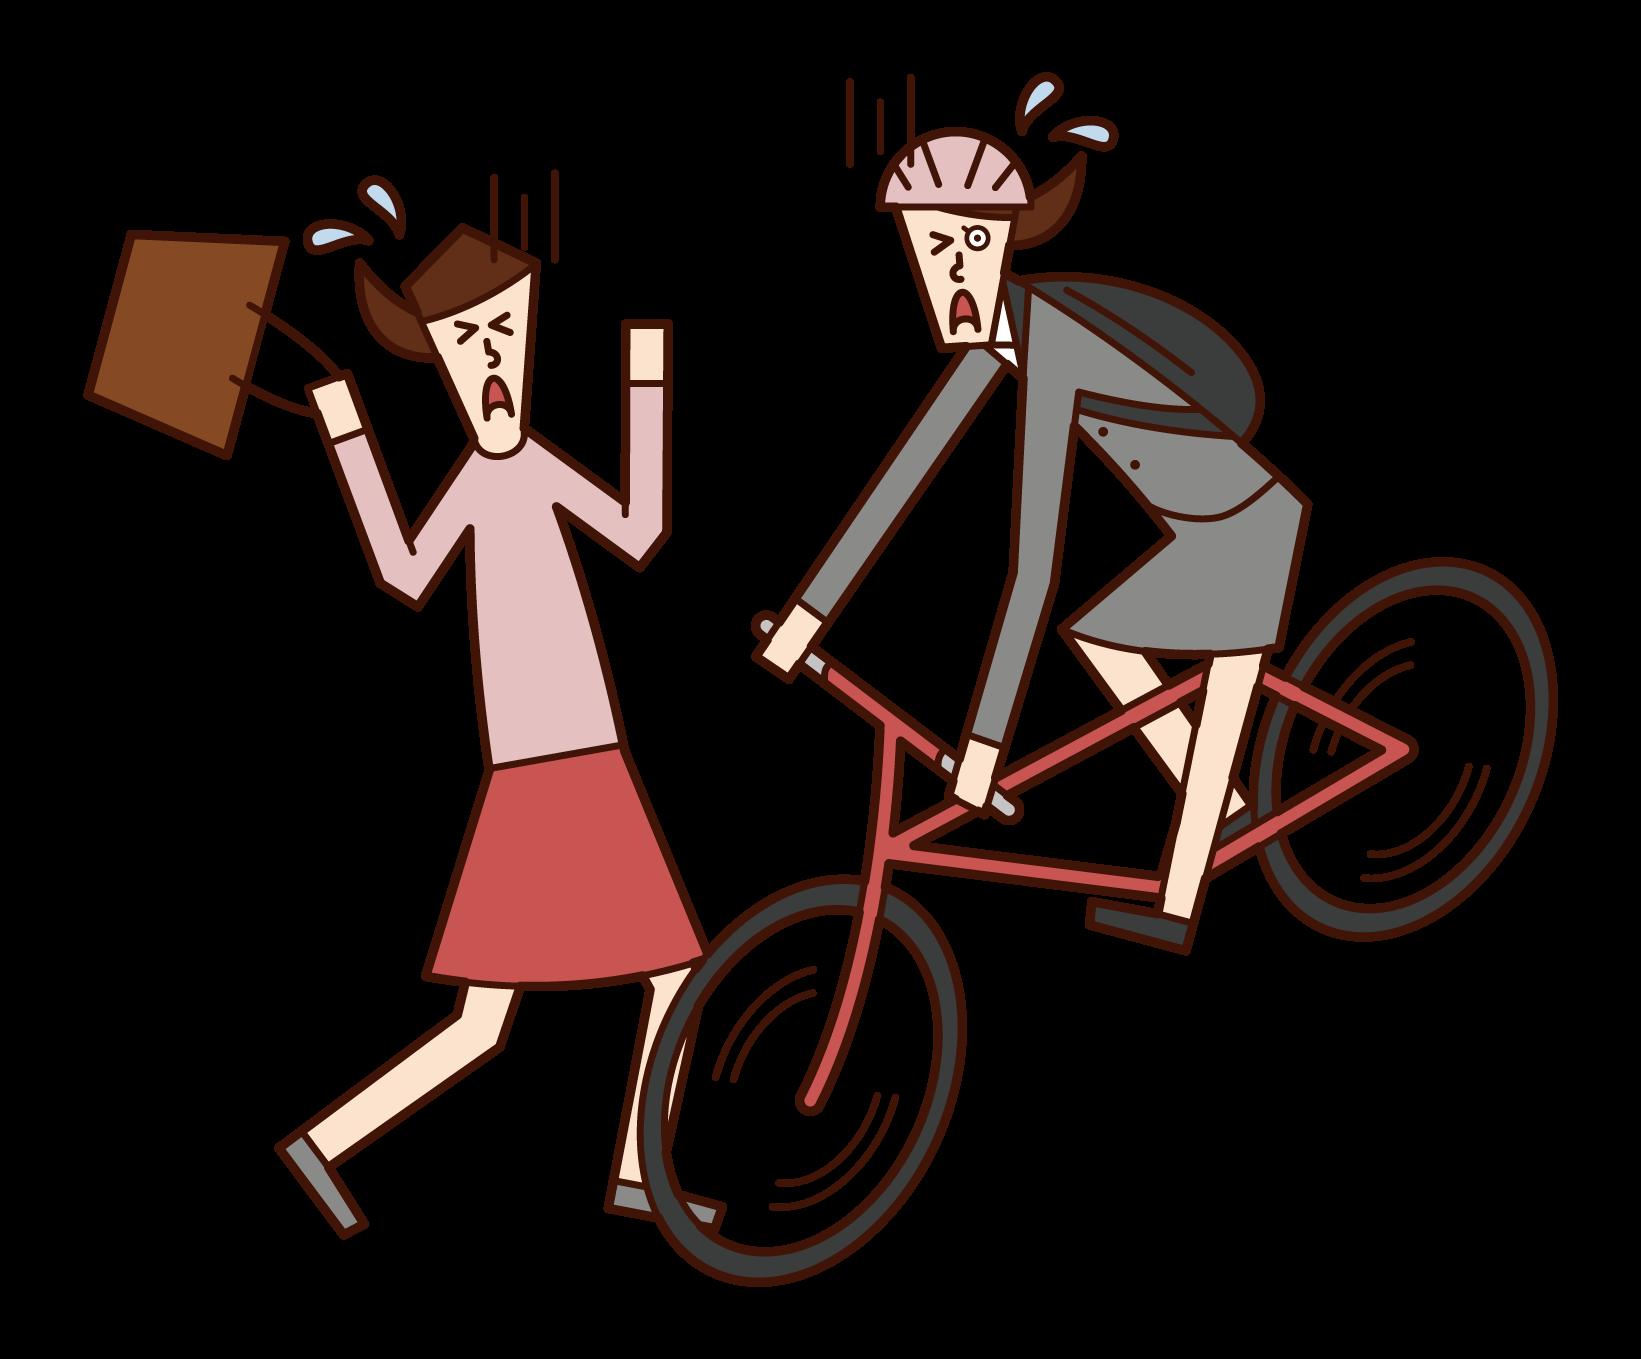 자전거로 충돌하는 사람 (여성)의 그림